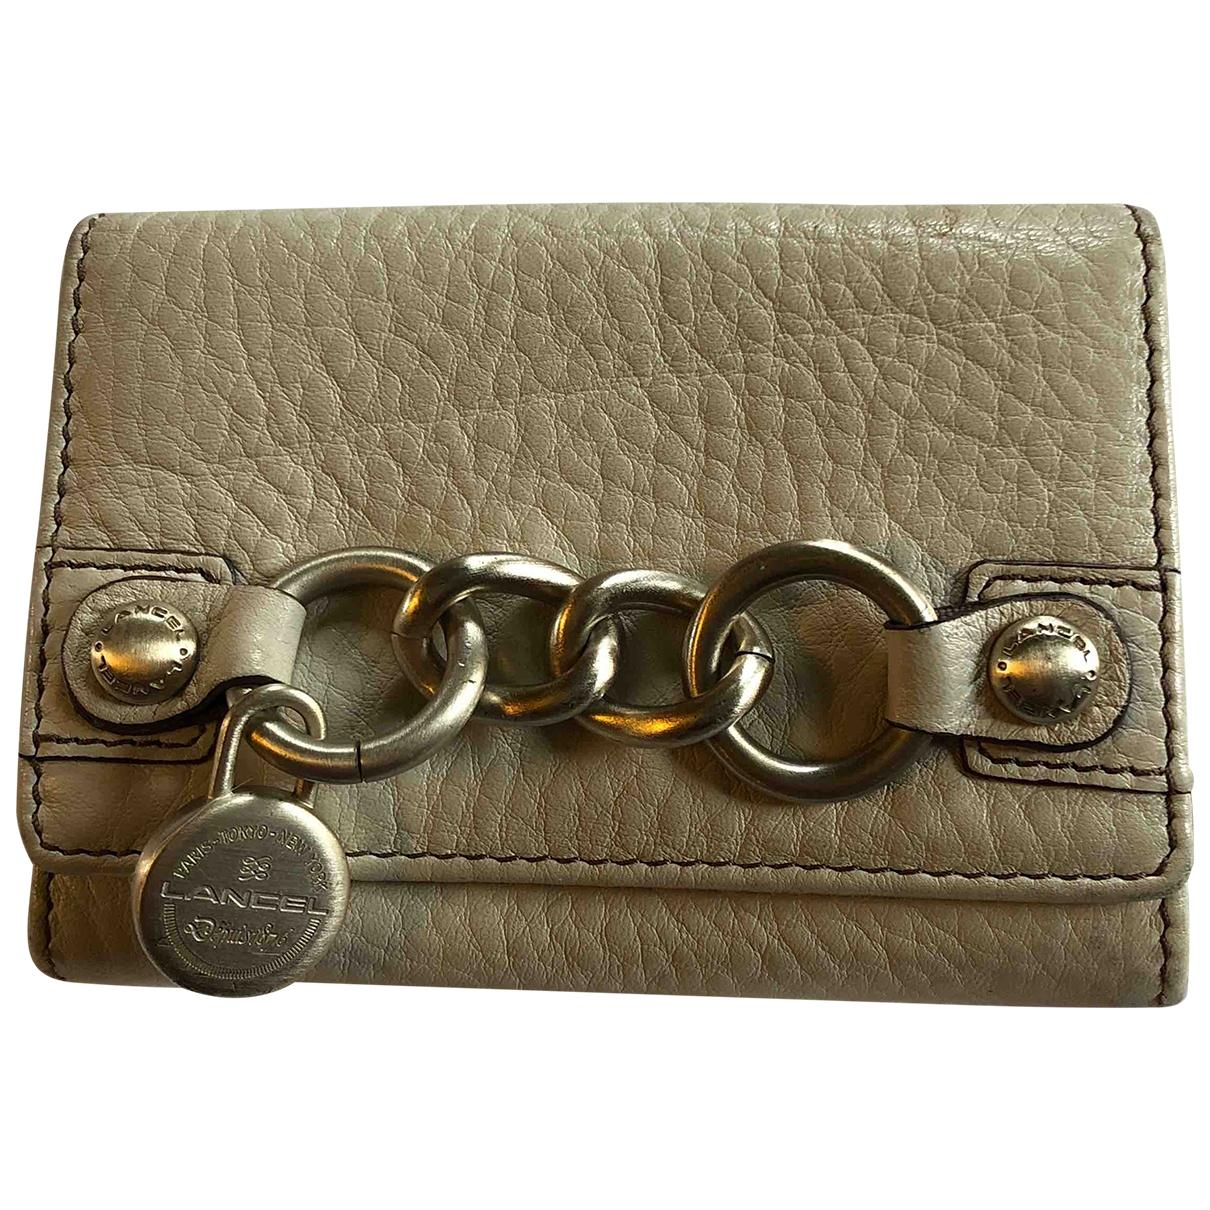 Lancel \N Beige Leather wallet for Women \N